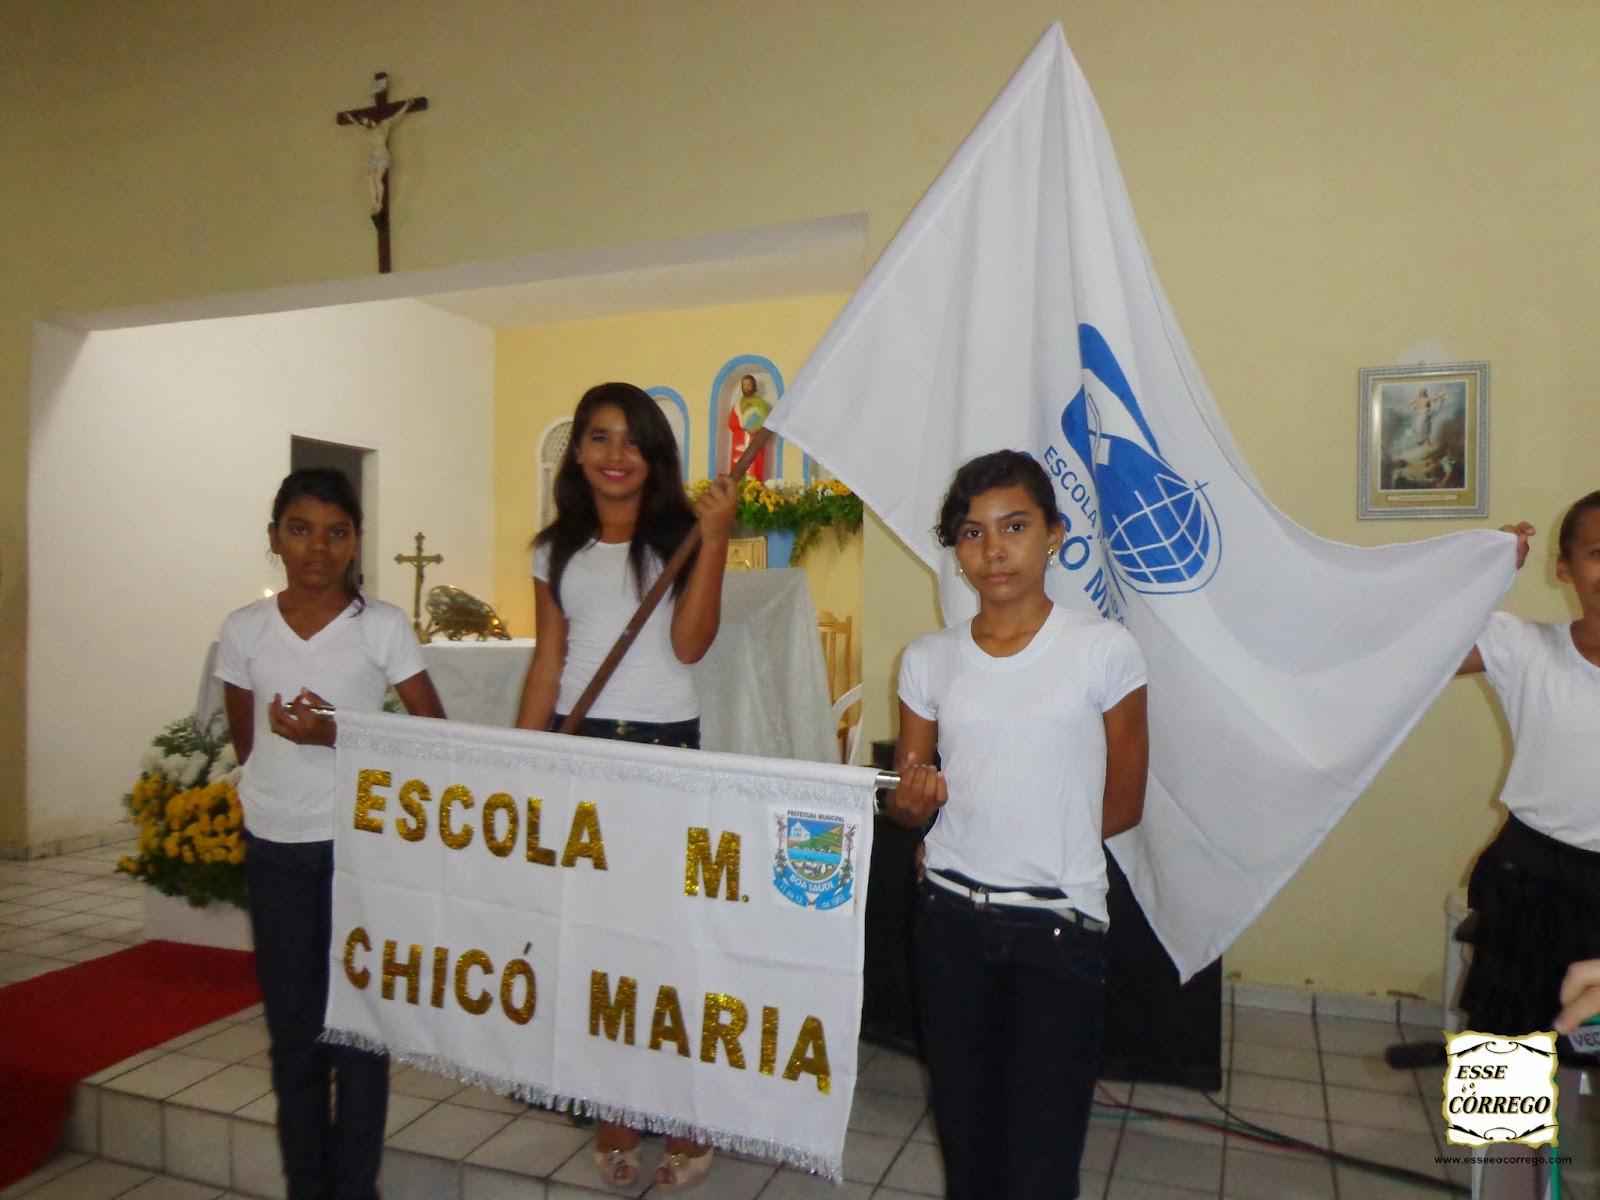 Chicó Maria na festa de São Mateus